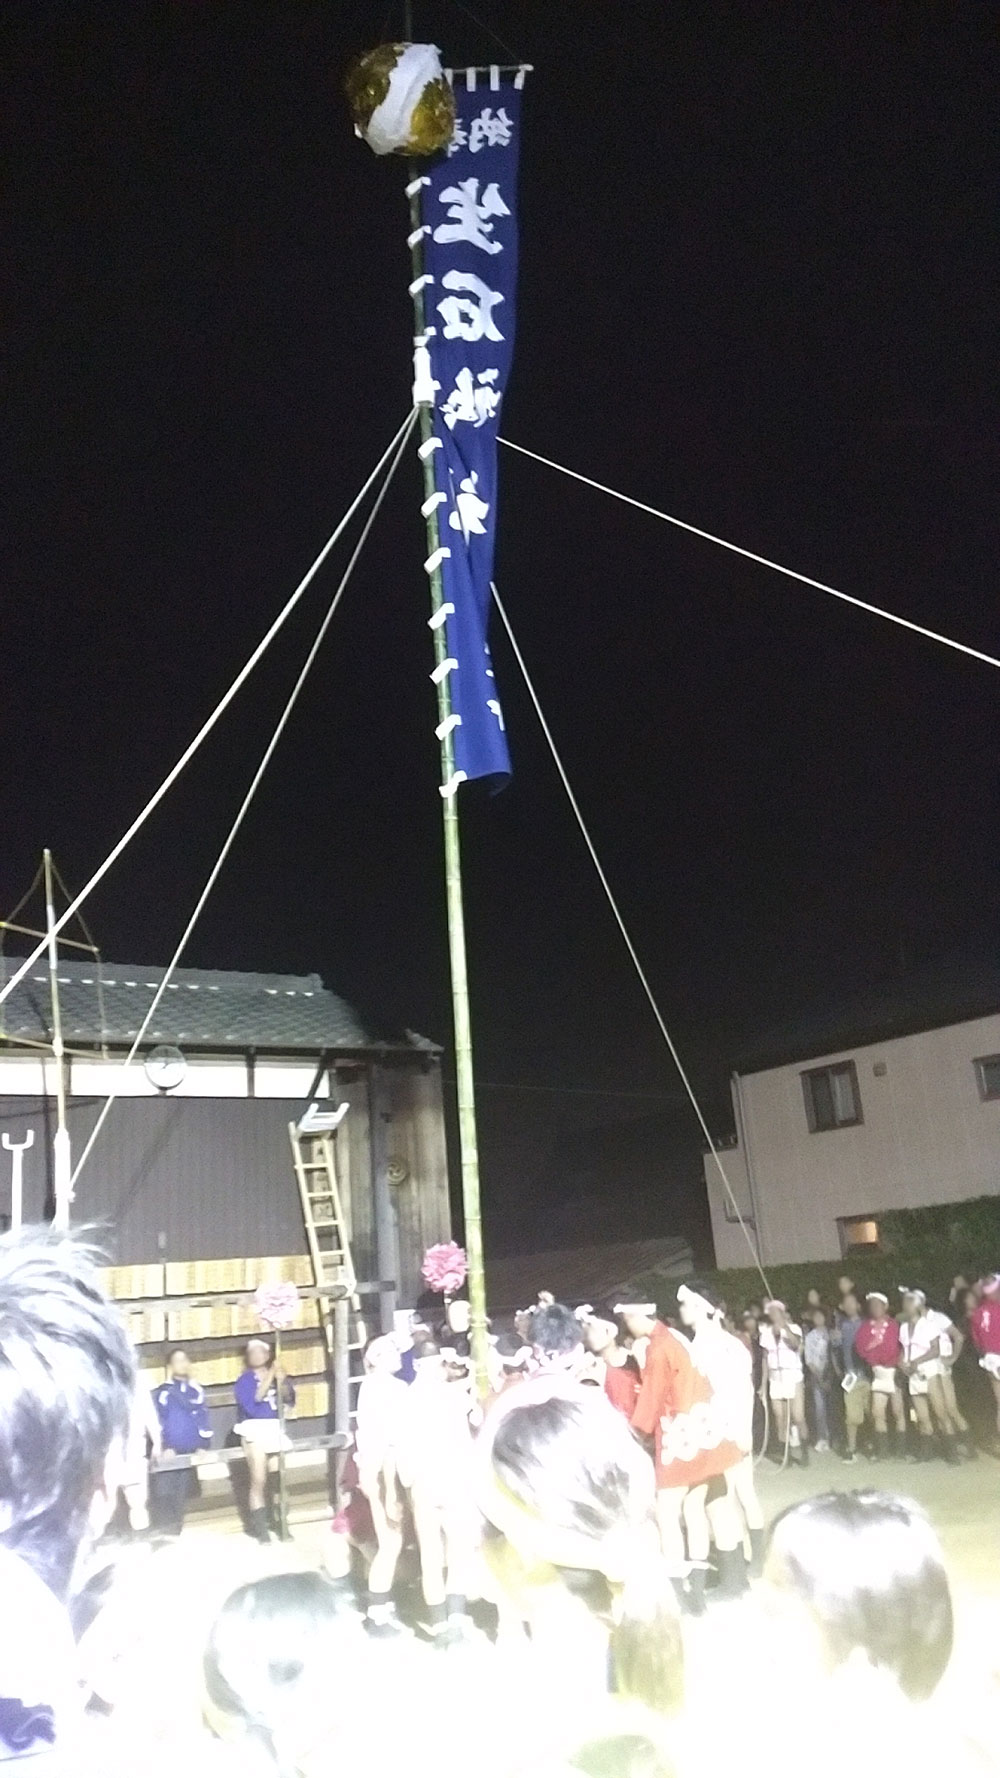 曽根天満宮ではなく、生石神社の岸屋台です。by.播州荒井 太鼓衆さん